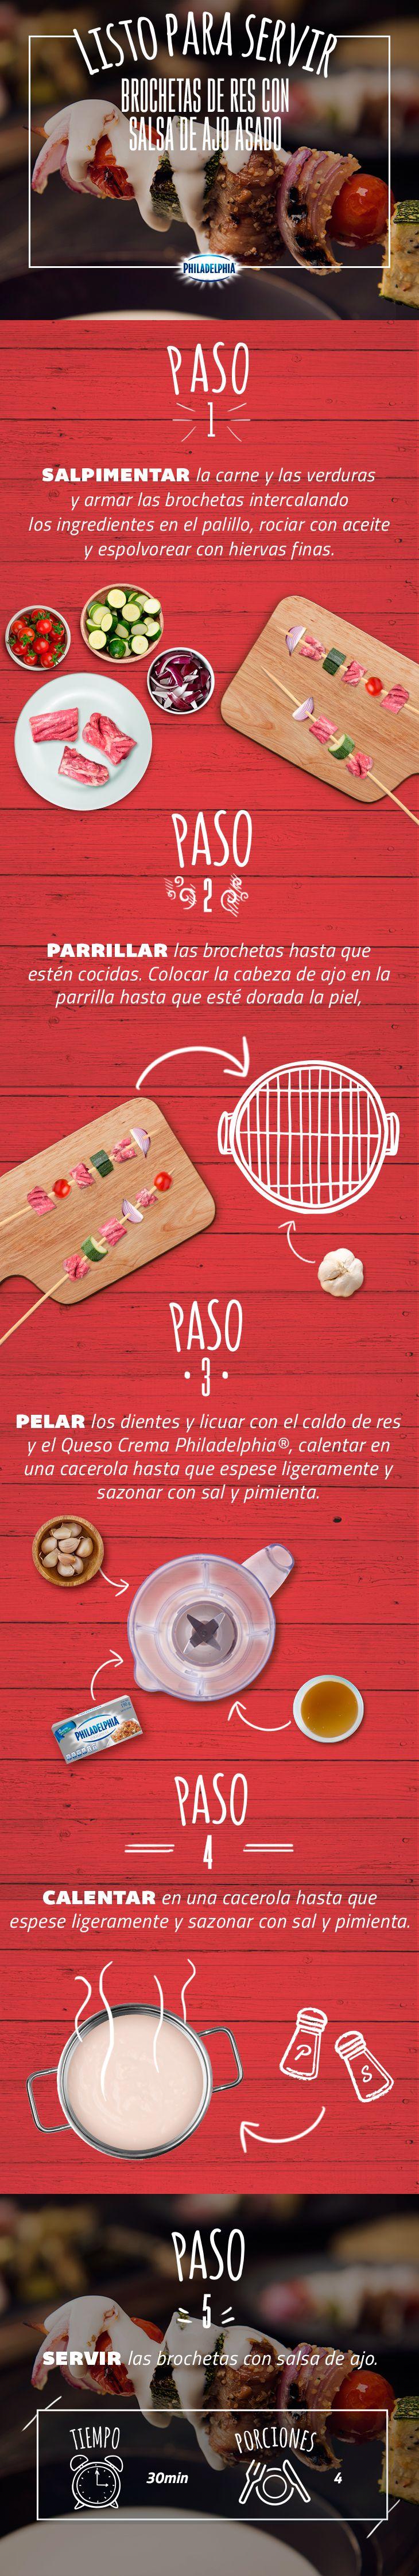 Sorprende a todos en la mesa con estas deliciosas Brochetas. ¡Se chuparán los dedos!  #quesophiladelphia  #quesocrema #philadelphia #brochetas #carne #res #ajo #asado